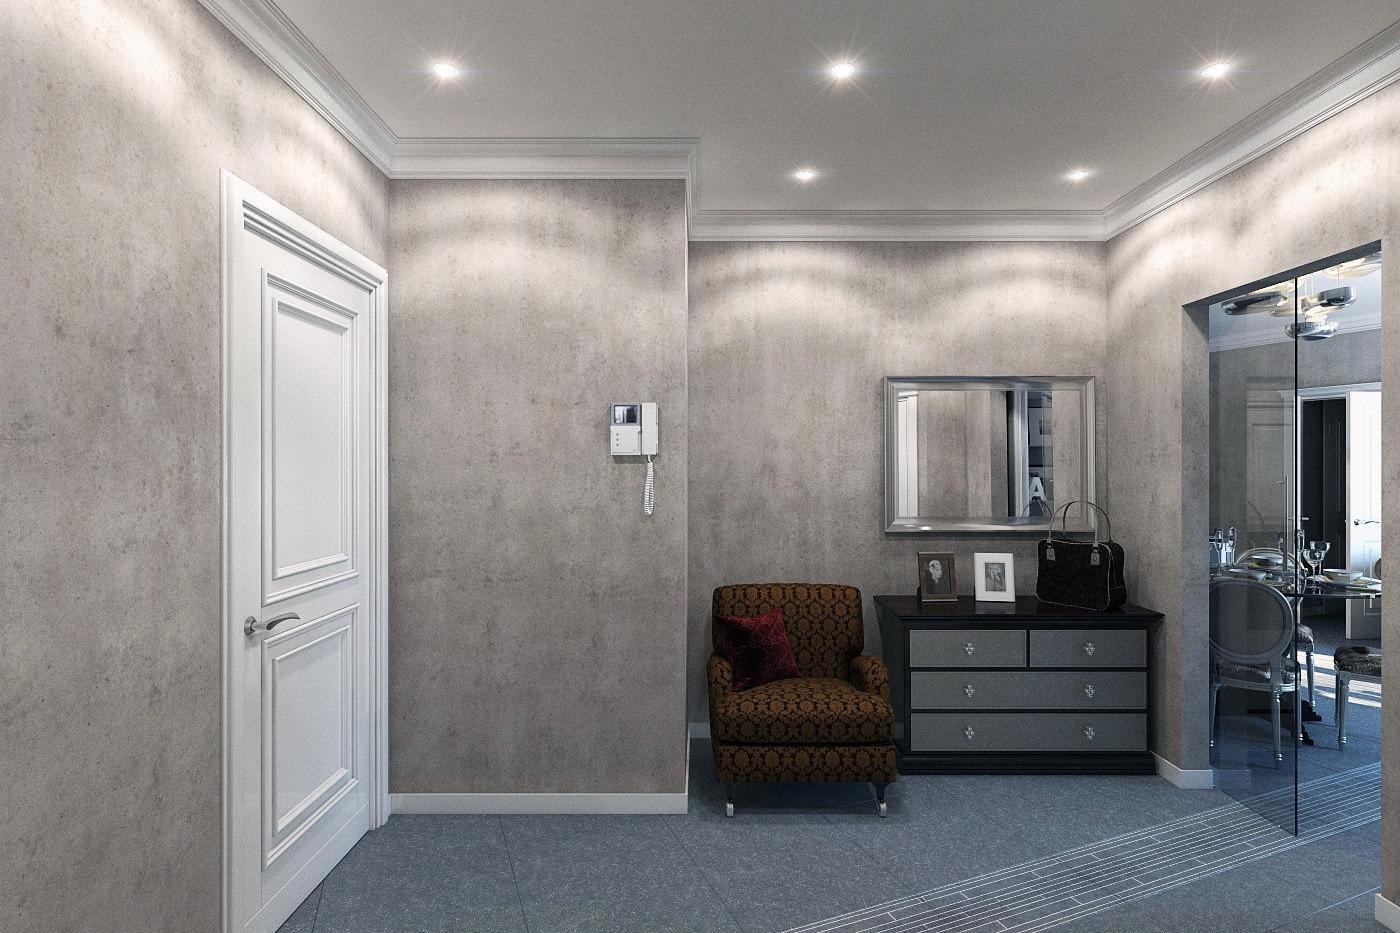 Жидкие обои в коридоре фото интерьеров в обычных квартирах